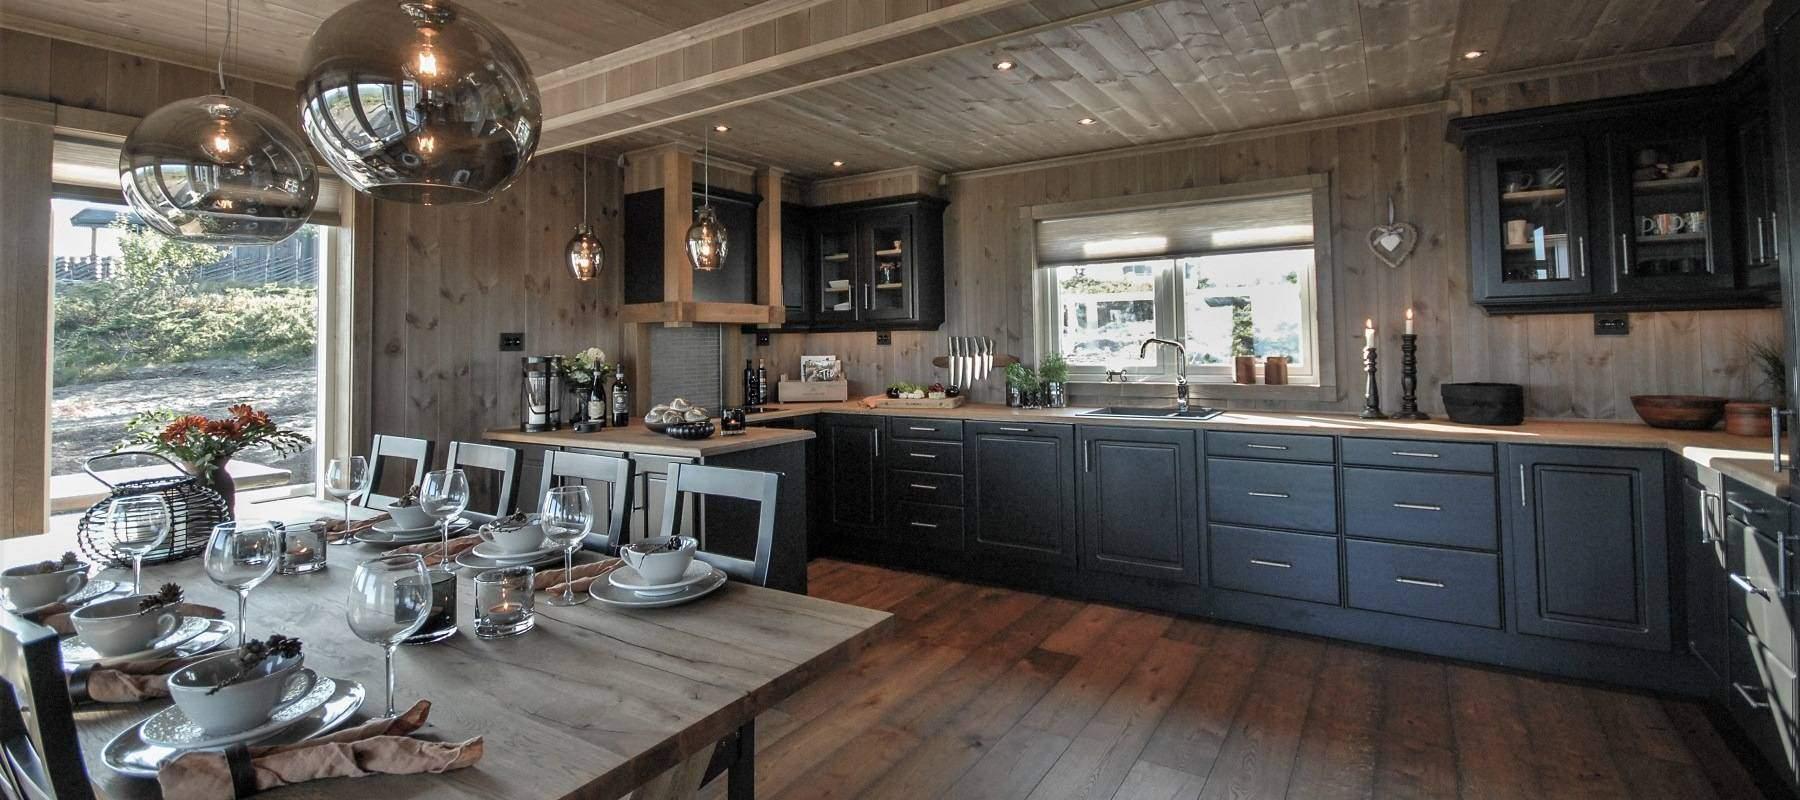 320 Hyttemodell Hytteinspirasjon Storjuvtinden 114 på Nesbyen. Hytteleverandør Tiurtoppen Hytter